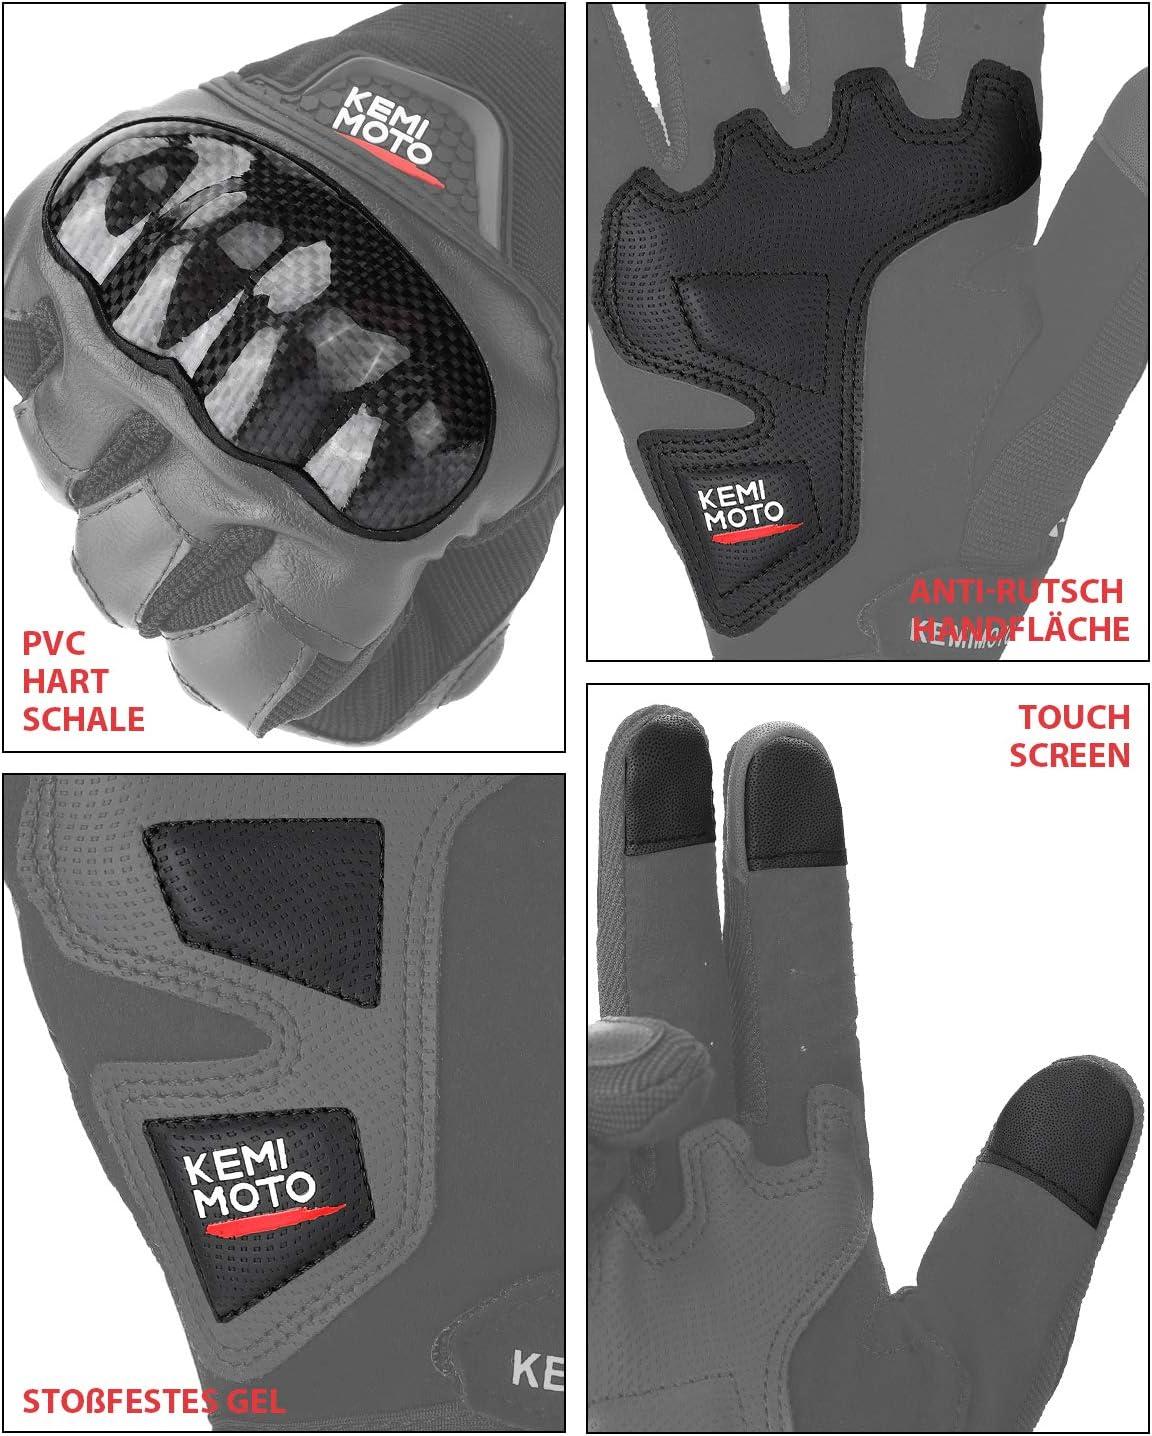 Motorradhandschuhe 3 Fingerspitzen Touchscreen Sommer Handschuhe Mit Knöchelhülle Atmungsaktive Fahradhandschuhe Ideal Für Motorrad Radfahren Camping Outdoor Sportsaktivität Sport Freizeit